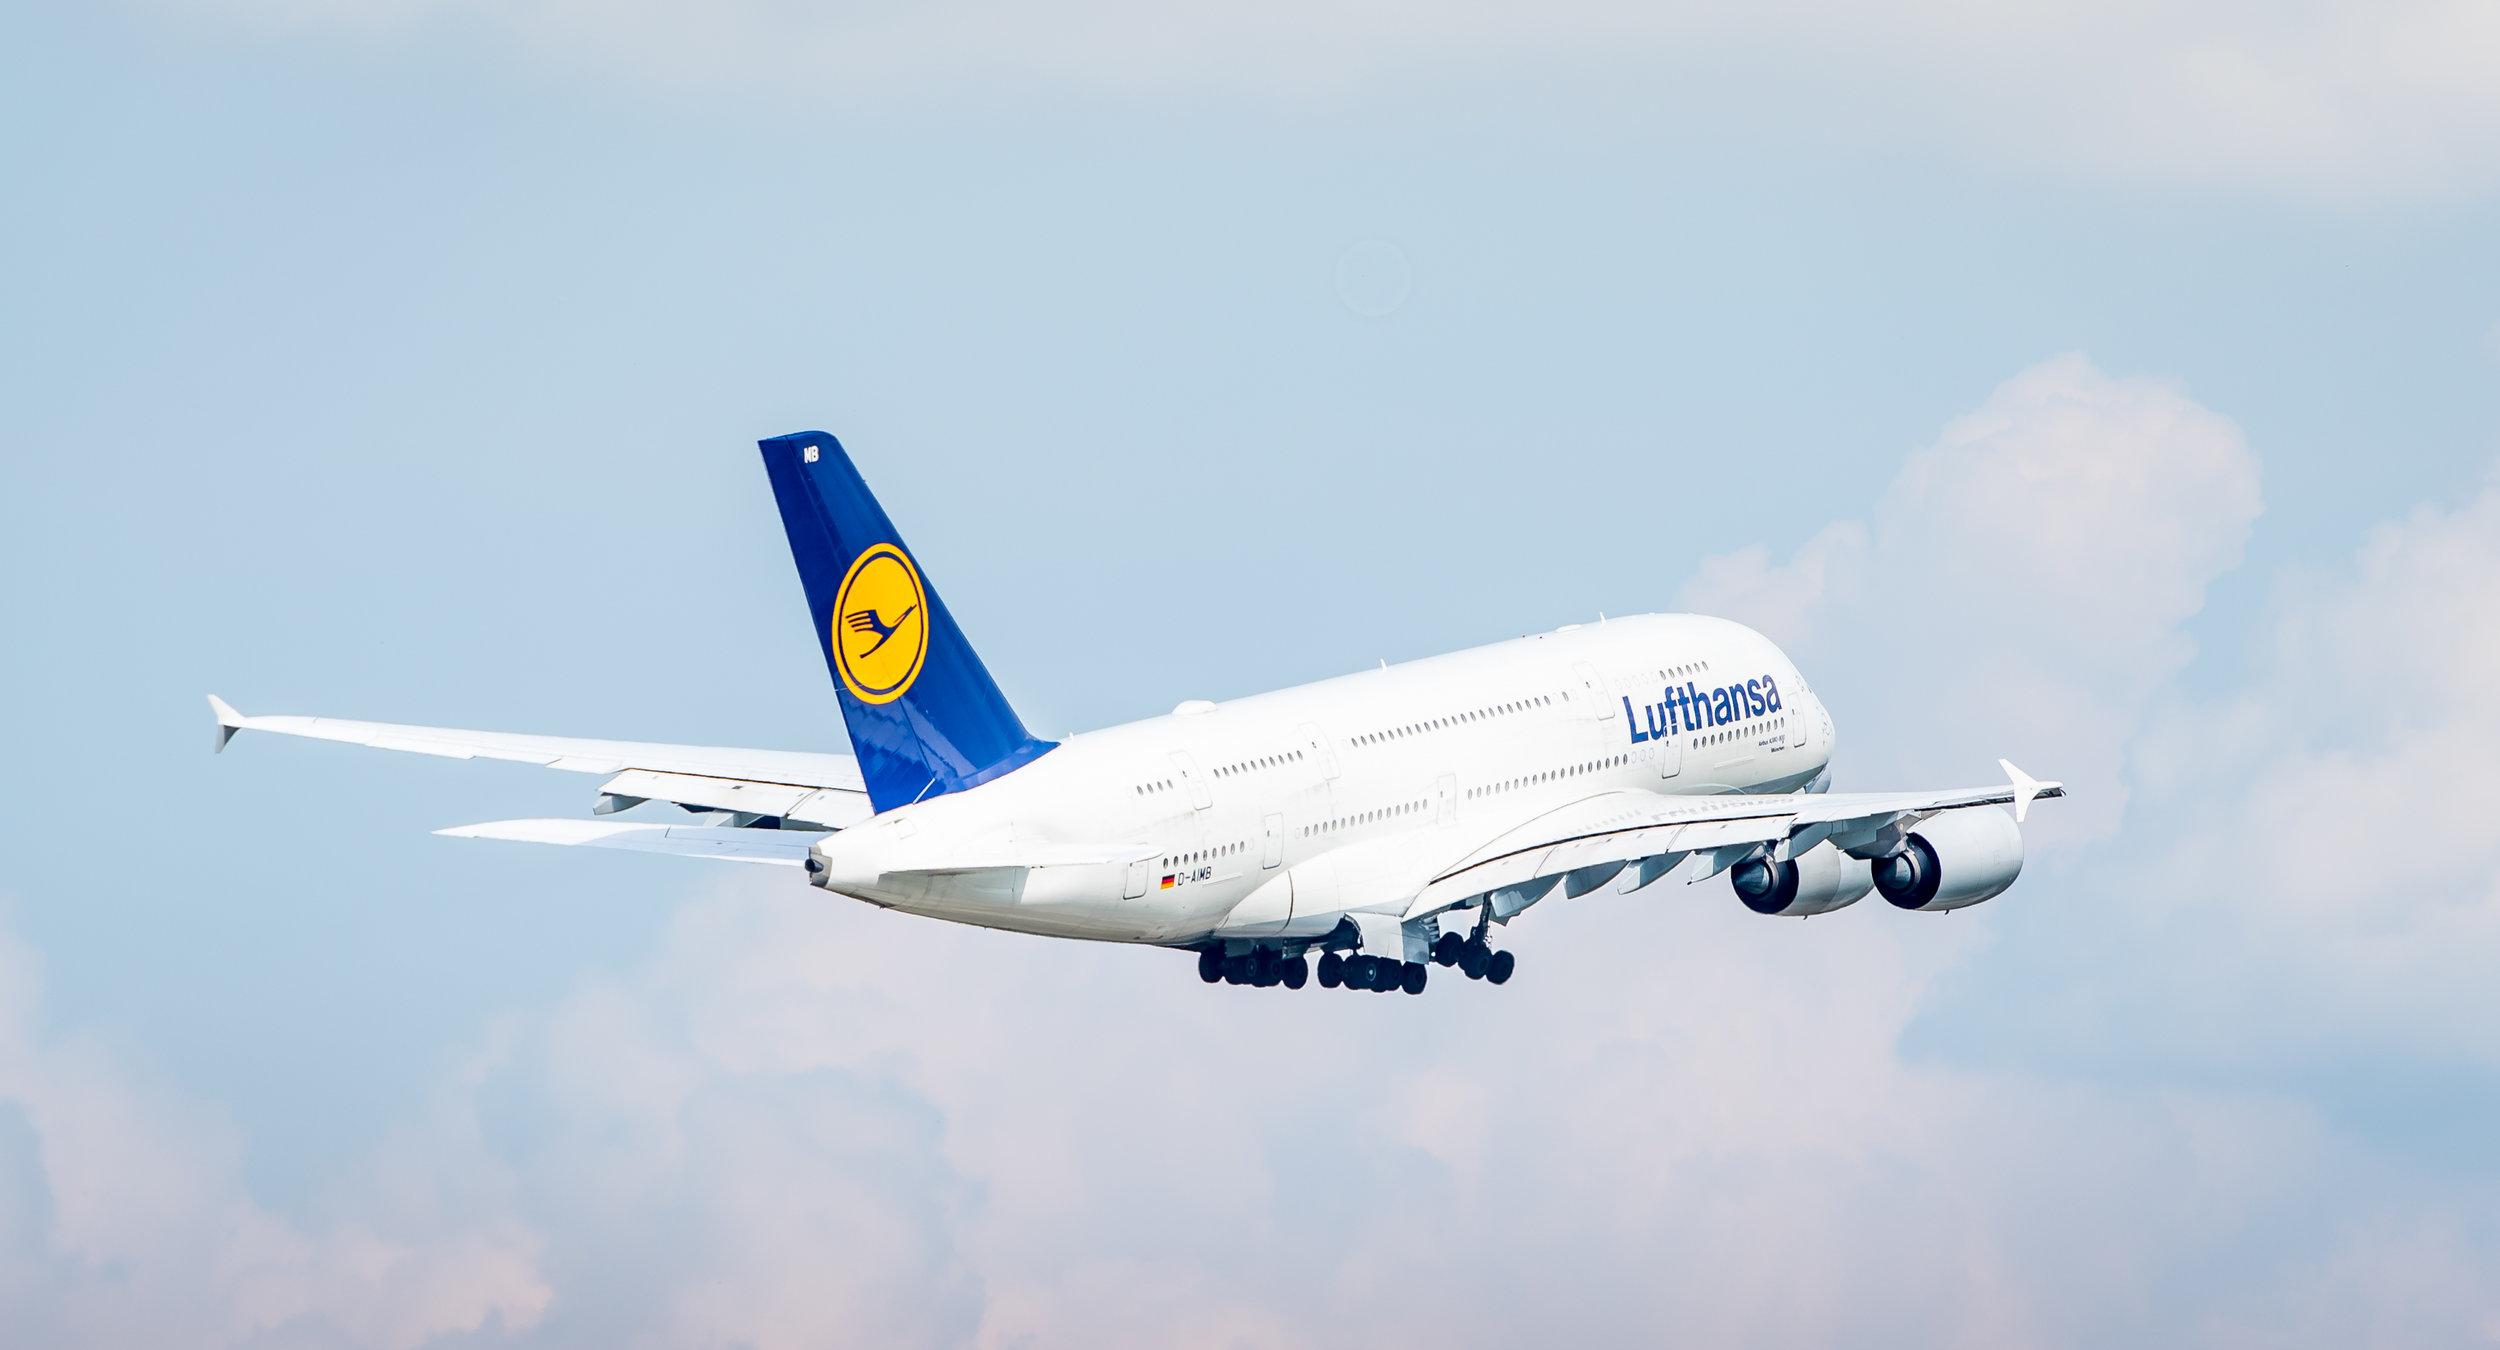 Landing gear up